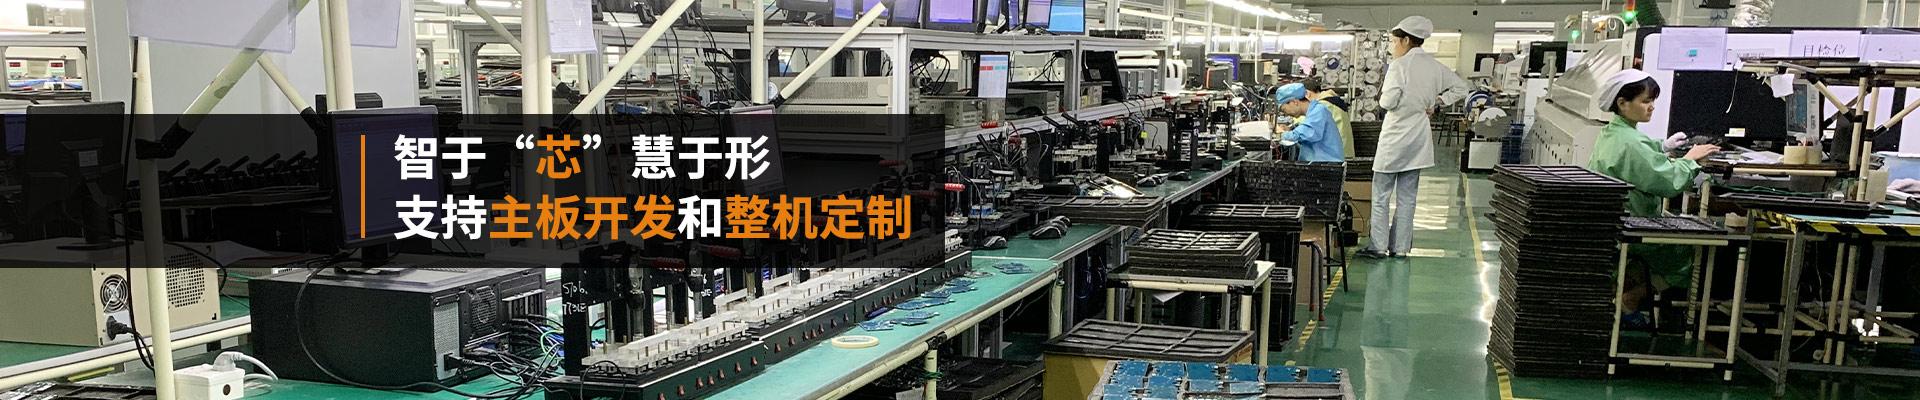 """泽迪-智于""""芯""""慧于形 支持主板开发和整机定制"""